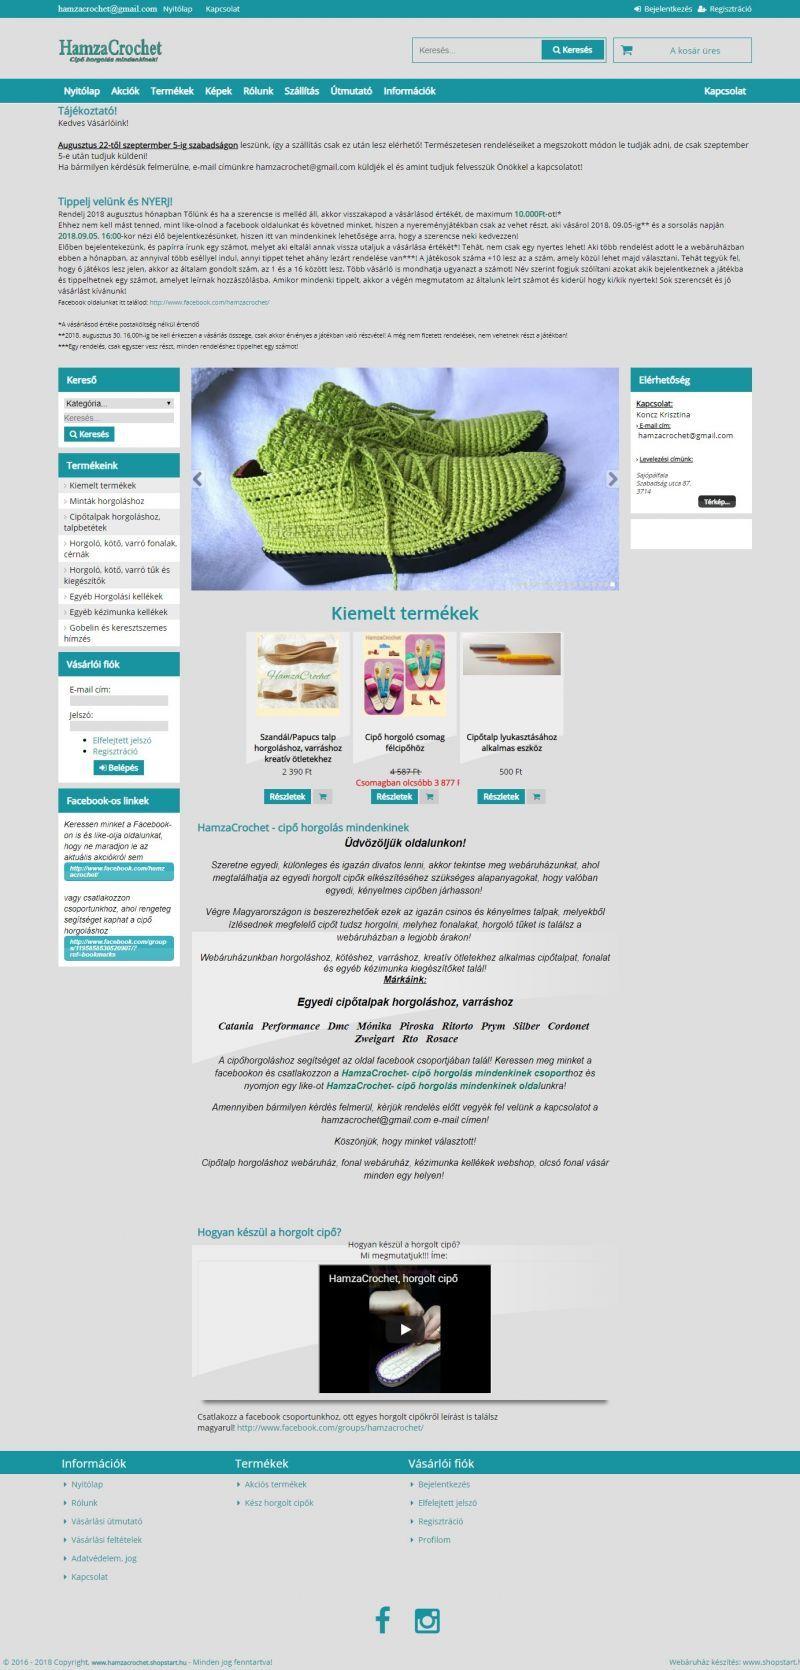 cc9fdd1ad0 HamzaCrochet webáruház | Ha szereti a különleges, egyedi dolgokat, szeret  horgolni, kötni,